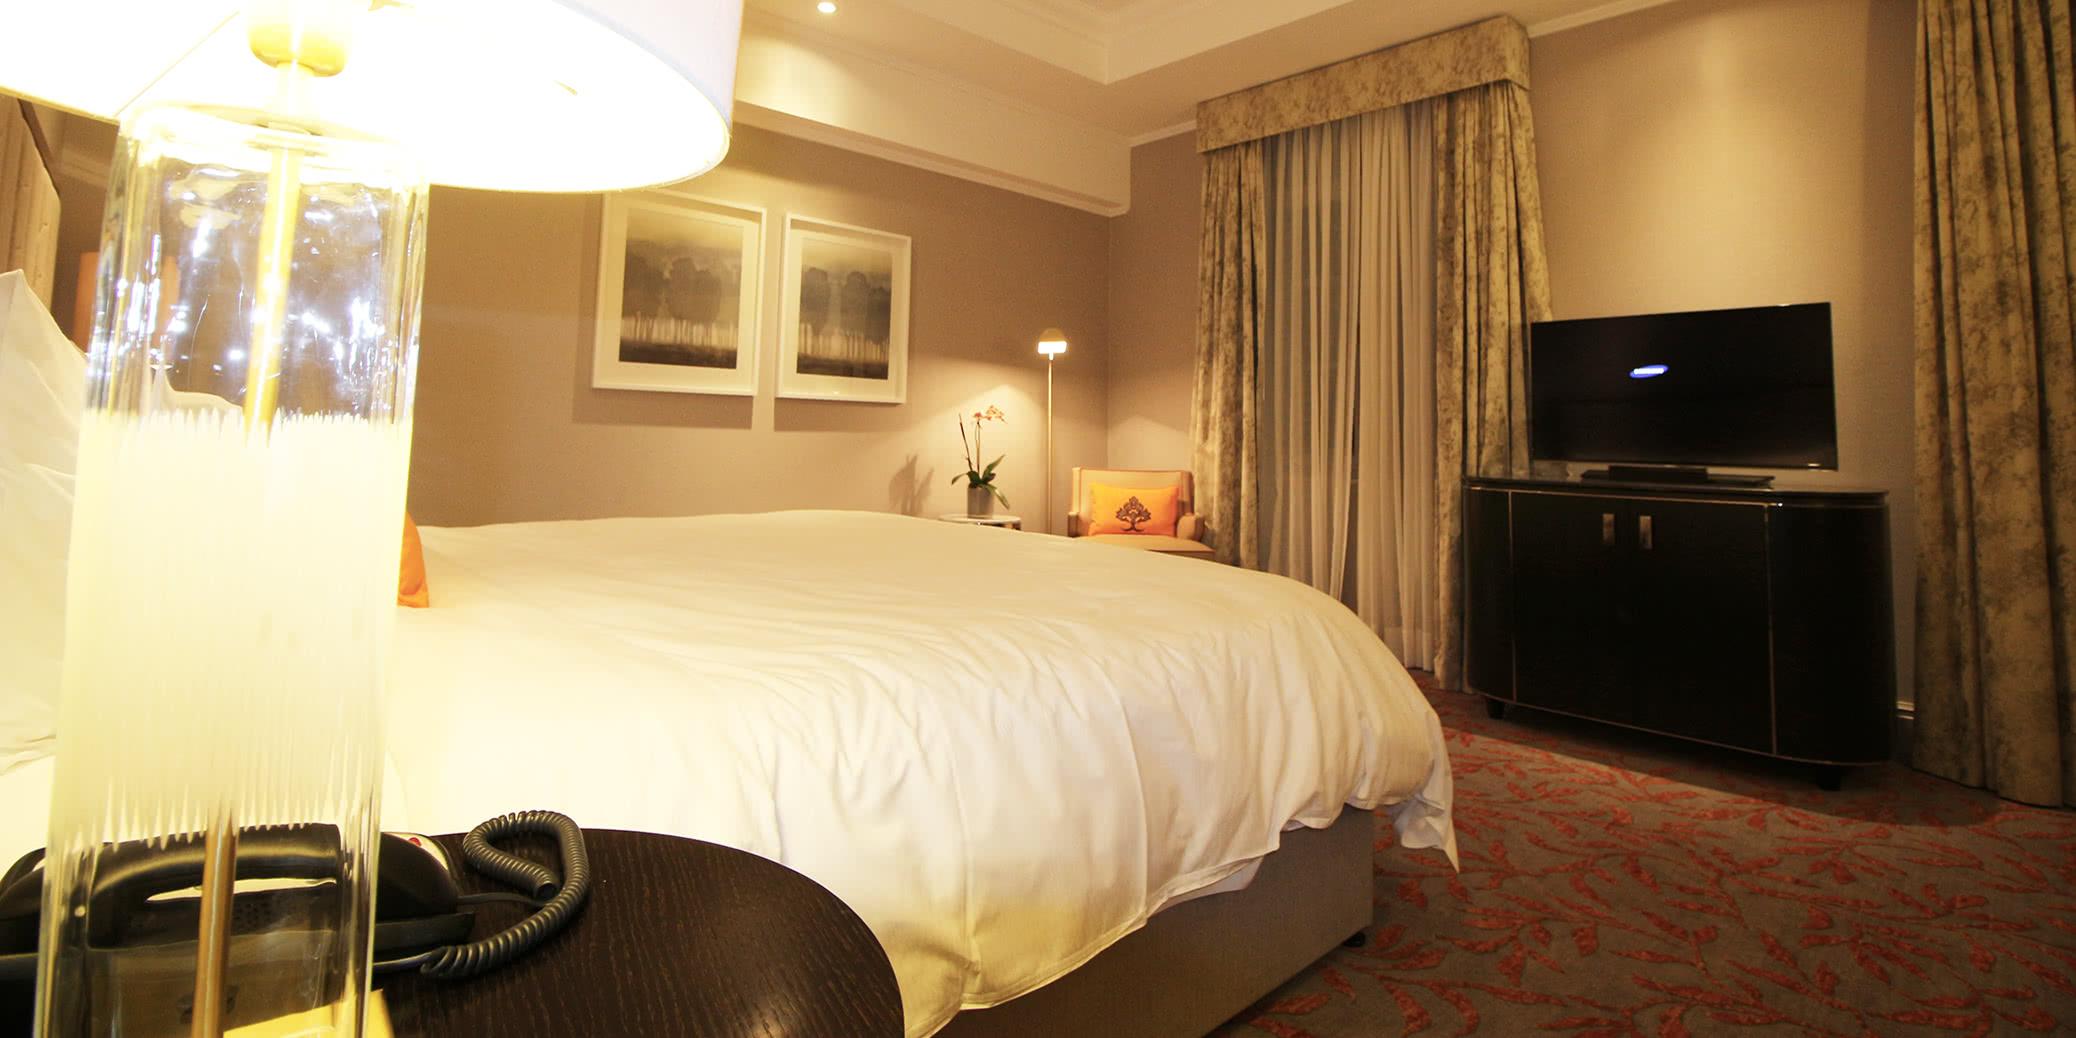 Best Marriott Hotel In Reno, Nevada